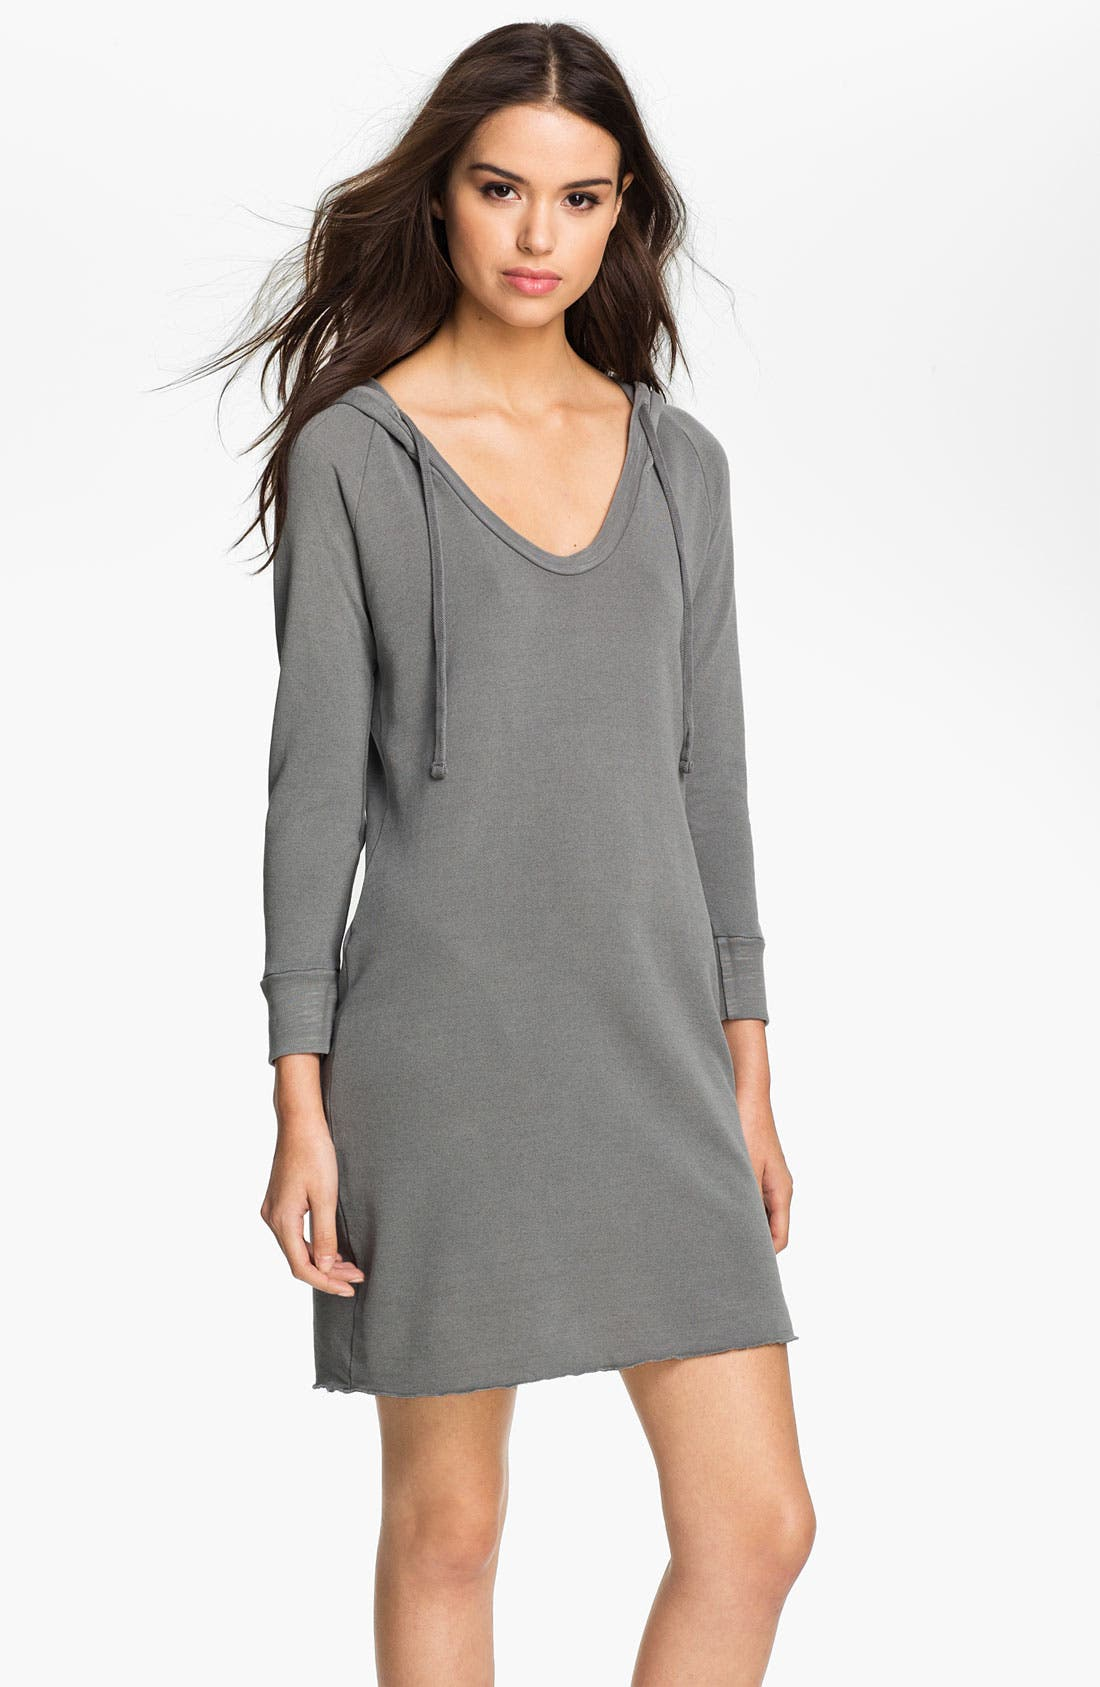 Alternate Image 1 Selected - James Perse Hooded Sweatshirt Dress